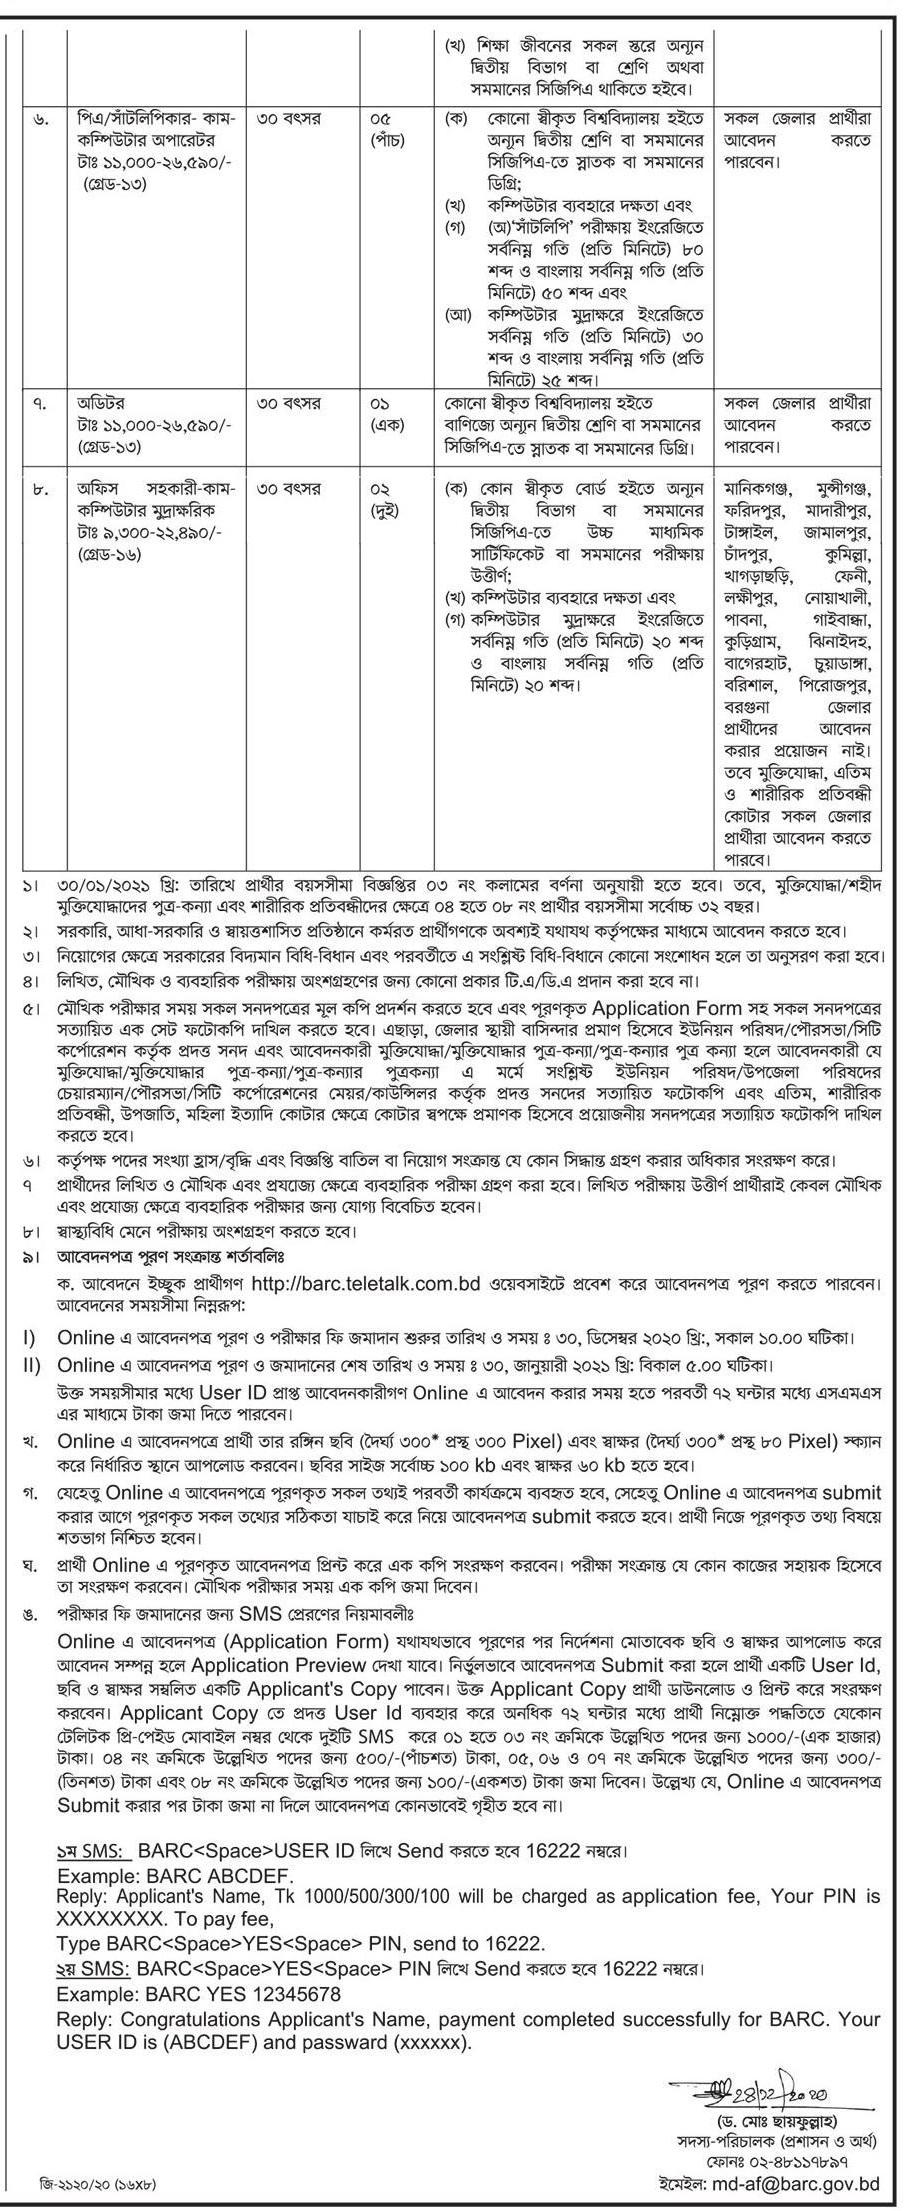 BARC Teletalk 2021 - barc.teletalk.com.bd